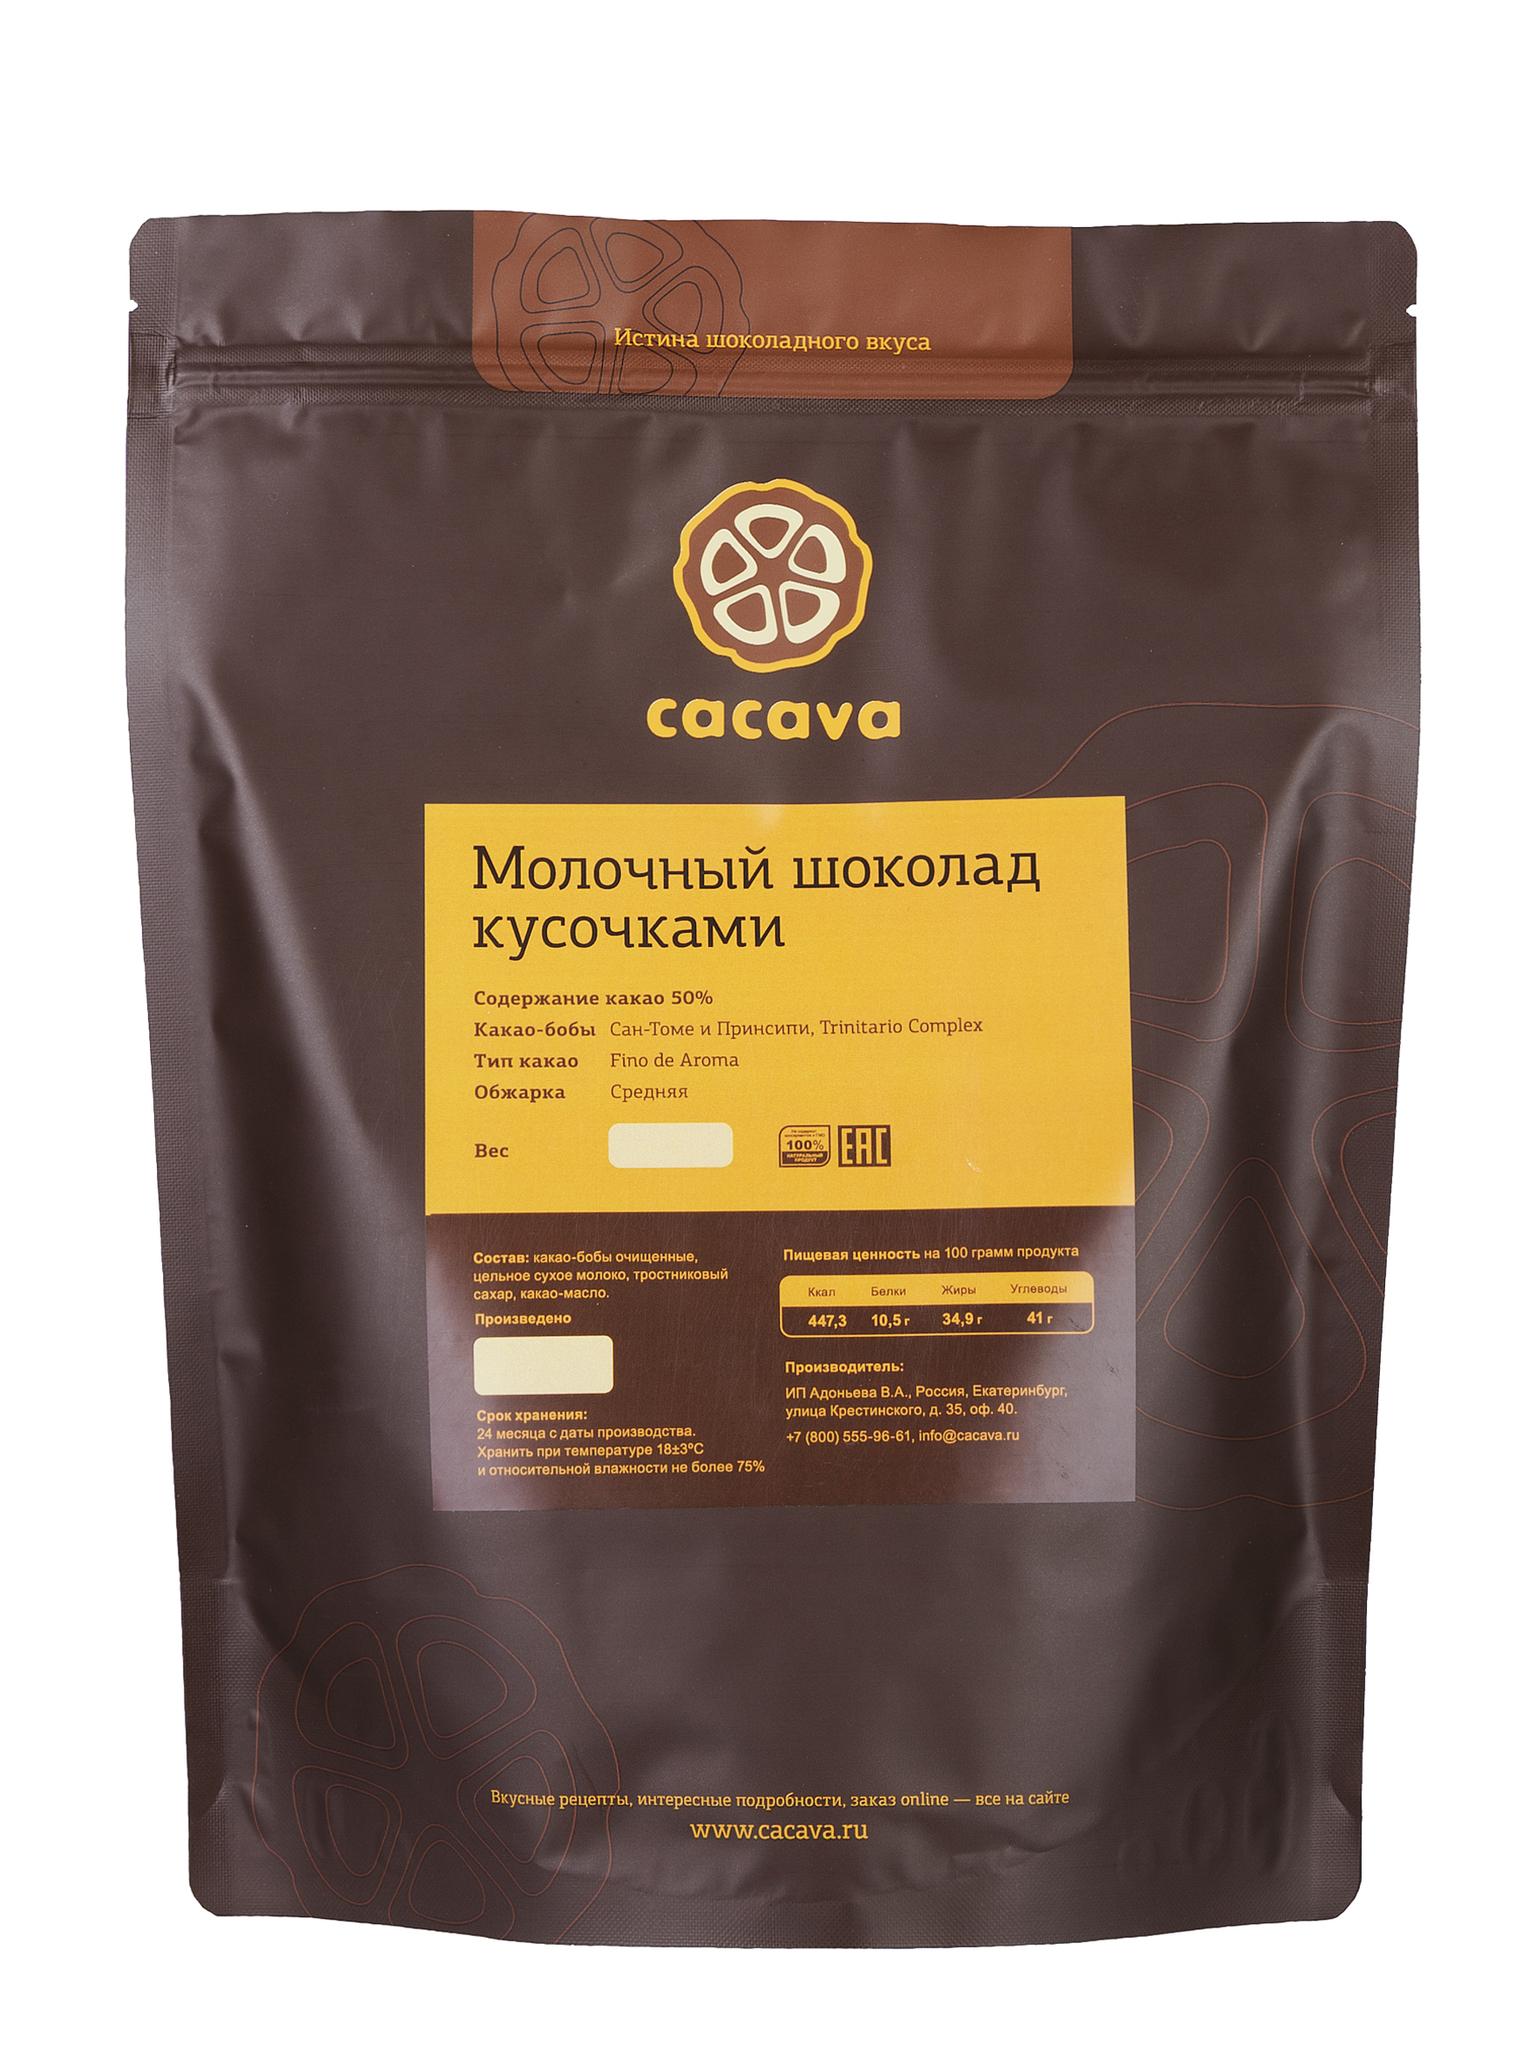 Молочный шоколад 50 % какао (Сан-Томе), упаковка 1 и 3 кг